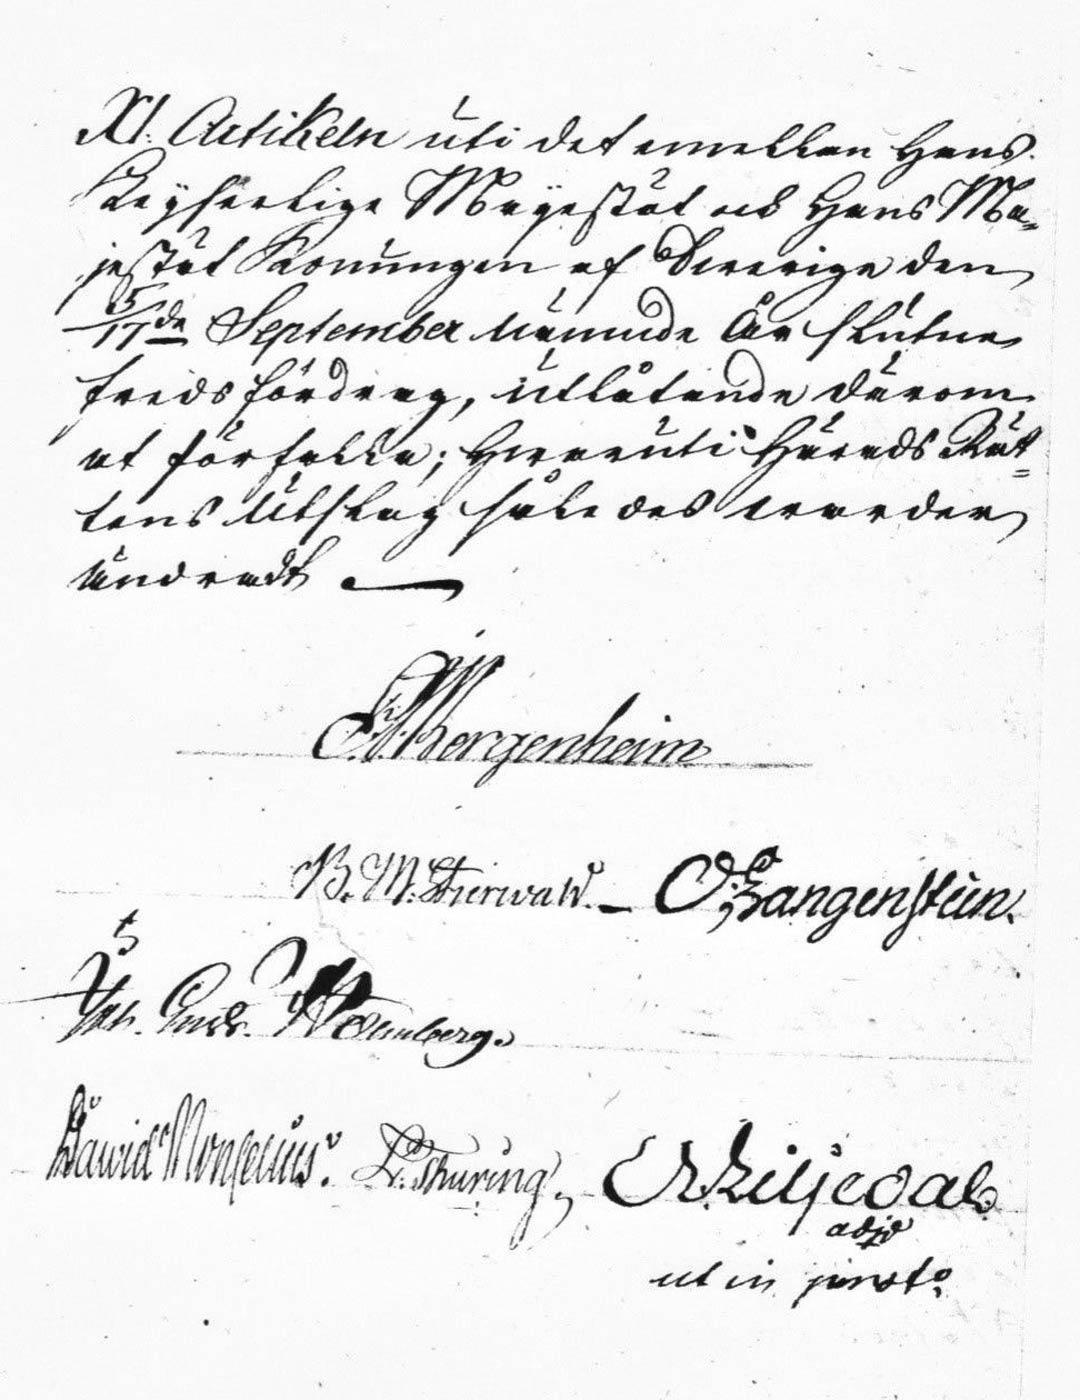 """Viimeinen sivu Vaasan hovioikeuden päätöksestä, jolla 18. joulukuuta 1813 ratkaistiin ruukinpatruuna F. J. Ekholmin murhaajiksi epäiltyjen Olli Tuovisen ja Sakari Antinpoika Pasasen syyllisyys. Hovioikeus totesi, että vaikka miehiä vastaan oli enemmän kuin puoli näyttöä, niin todistajien sekä tunnustuksen puuttuessa asia oli jätettävä tulevaisuuteen, aikakauden lakisuomella """"tulewaan aicaan, cosca se taita ilmaandua""""."""